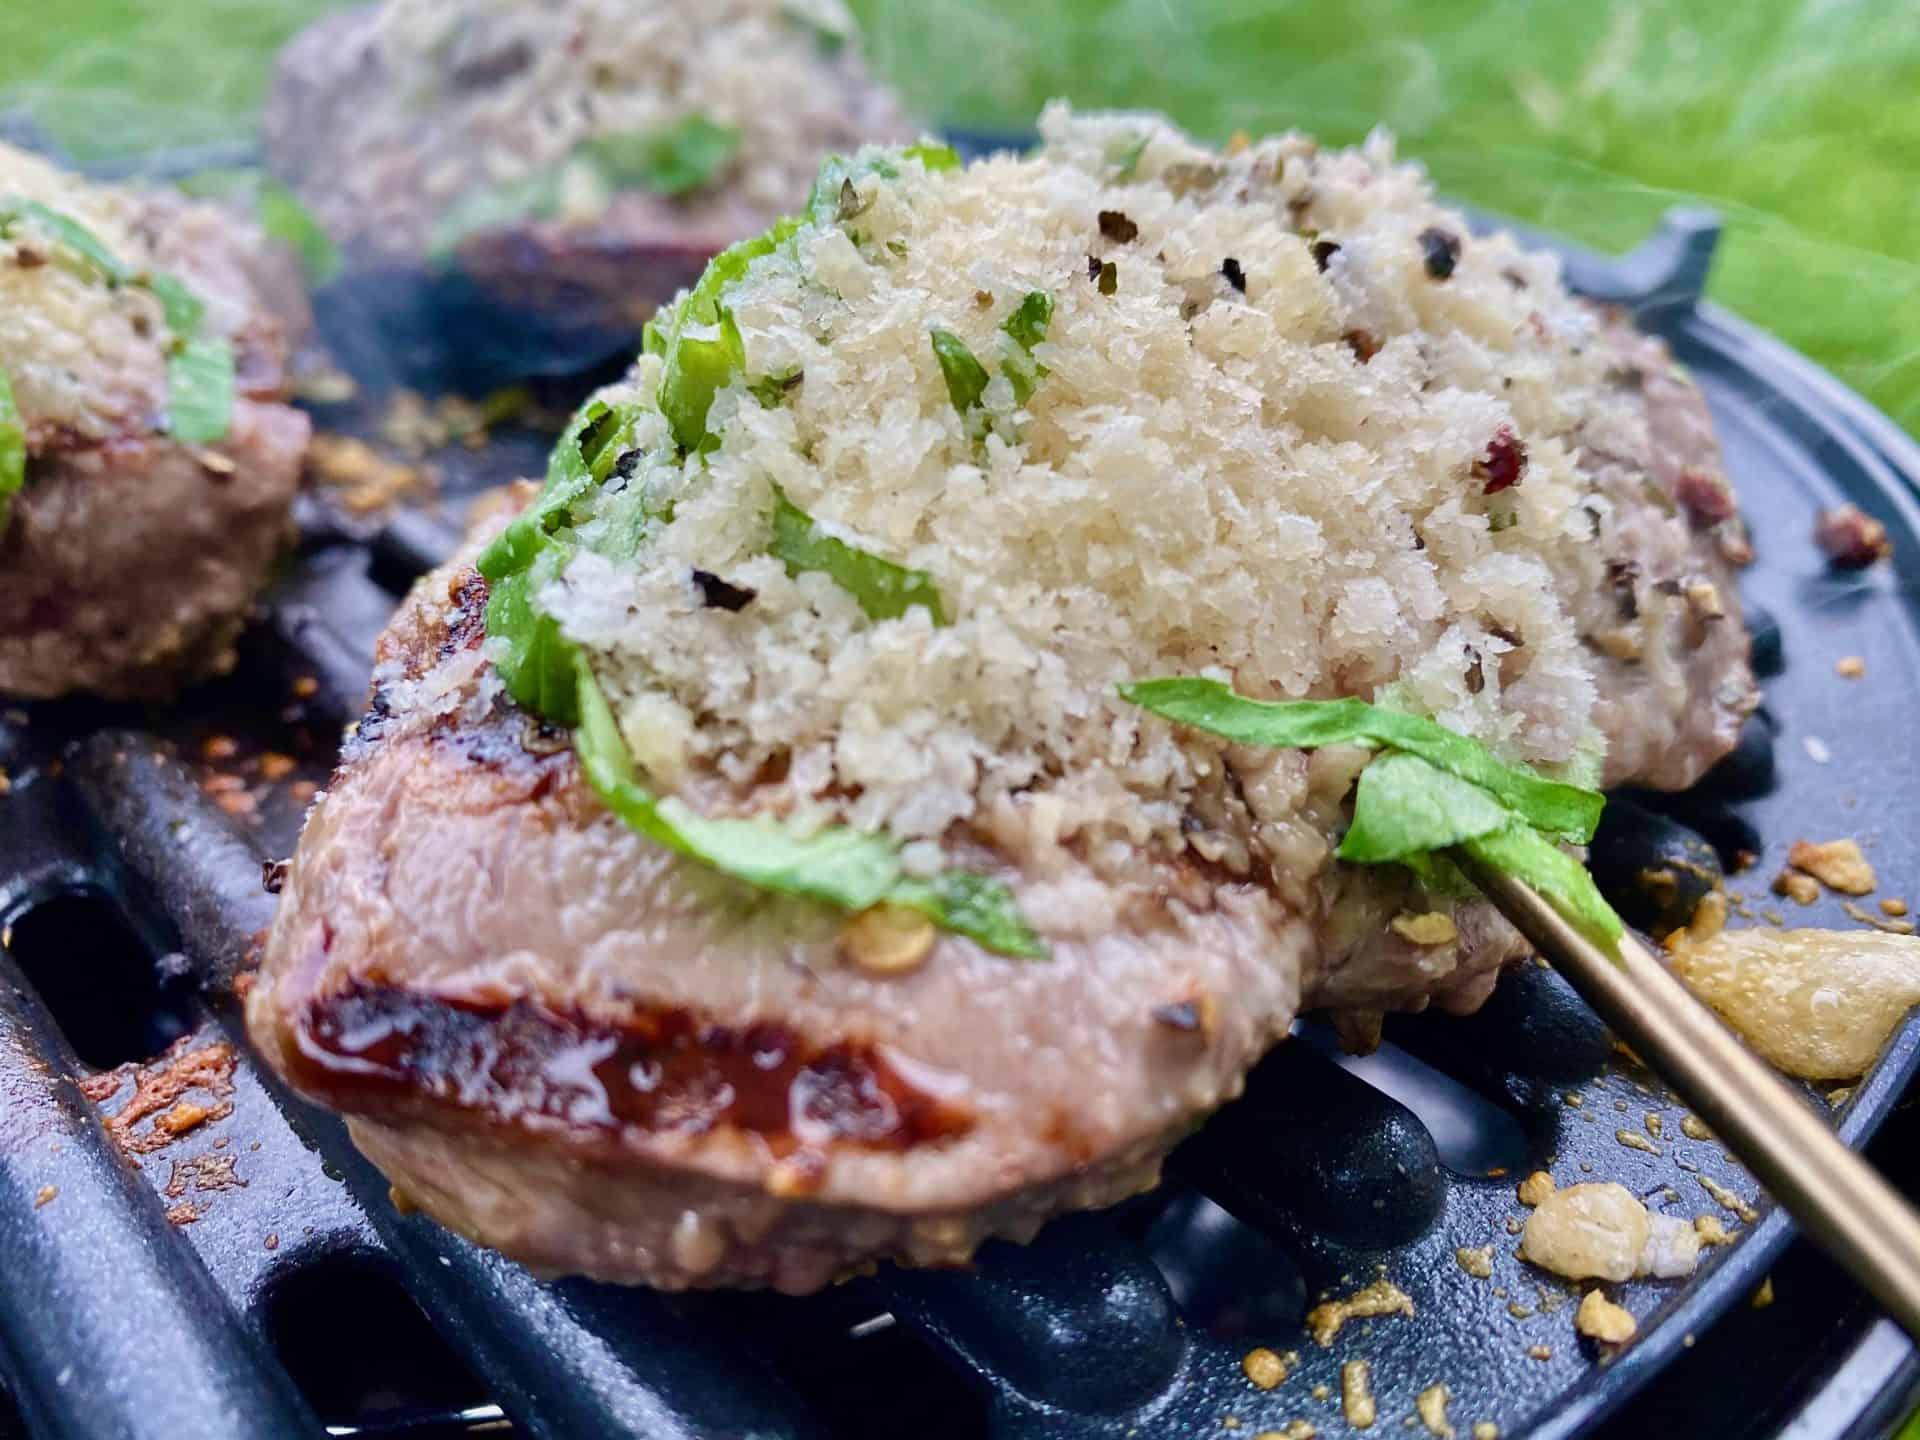 Cadac_Safari_Chef_2_Steak_mit_Parmesan_Basilikum